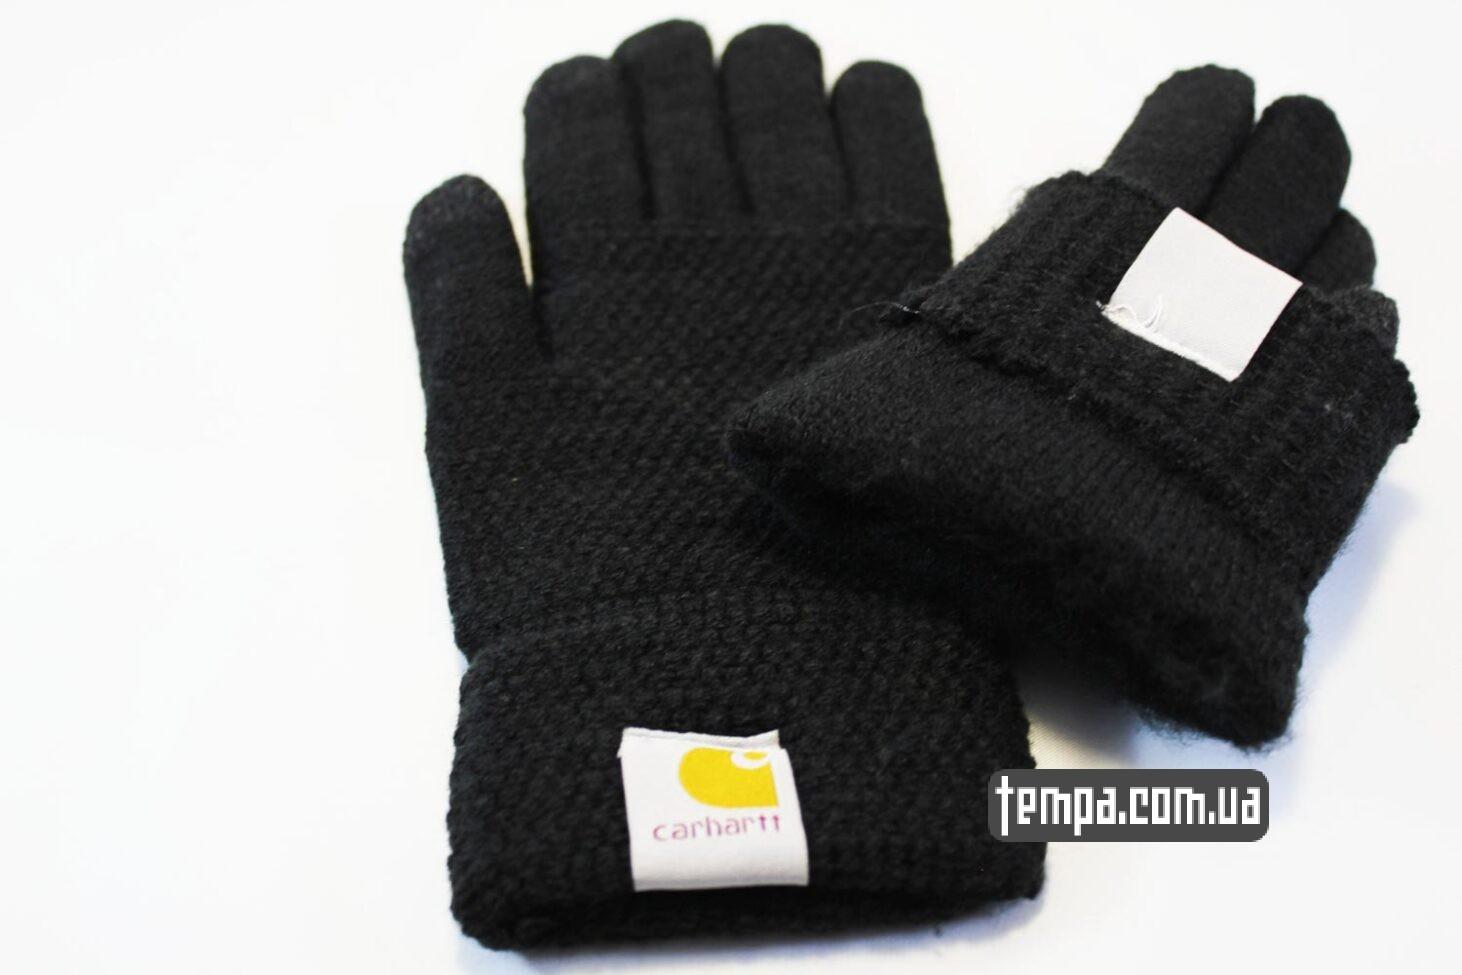 теплые зимние перчатки carhartt черные для мобильный сенсорных телефонов